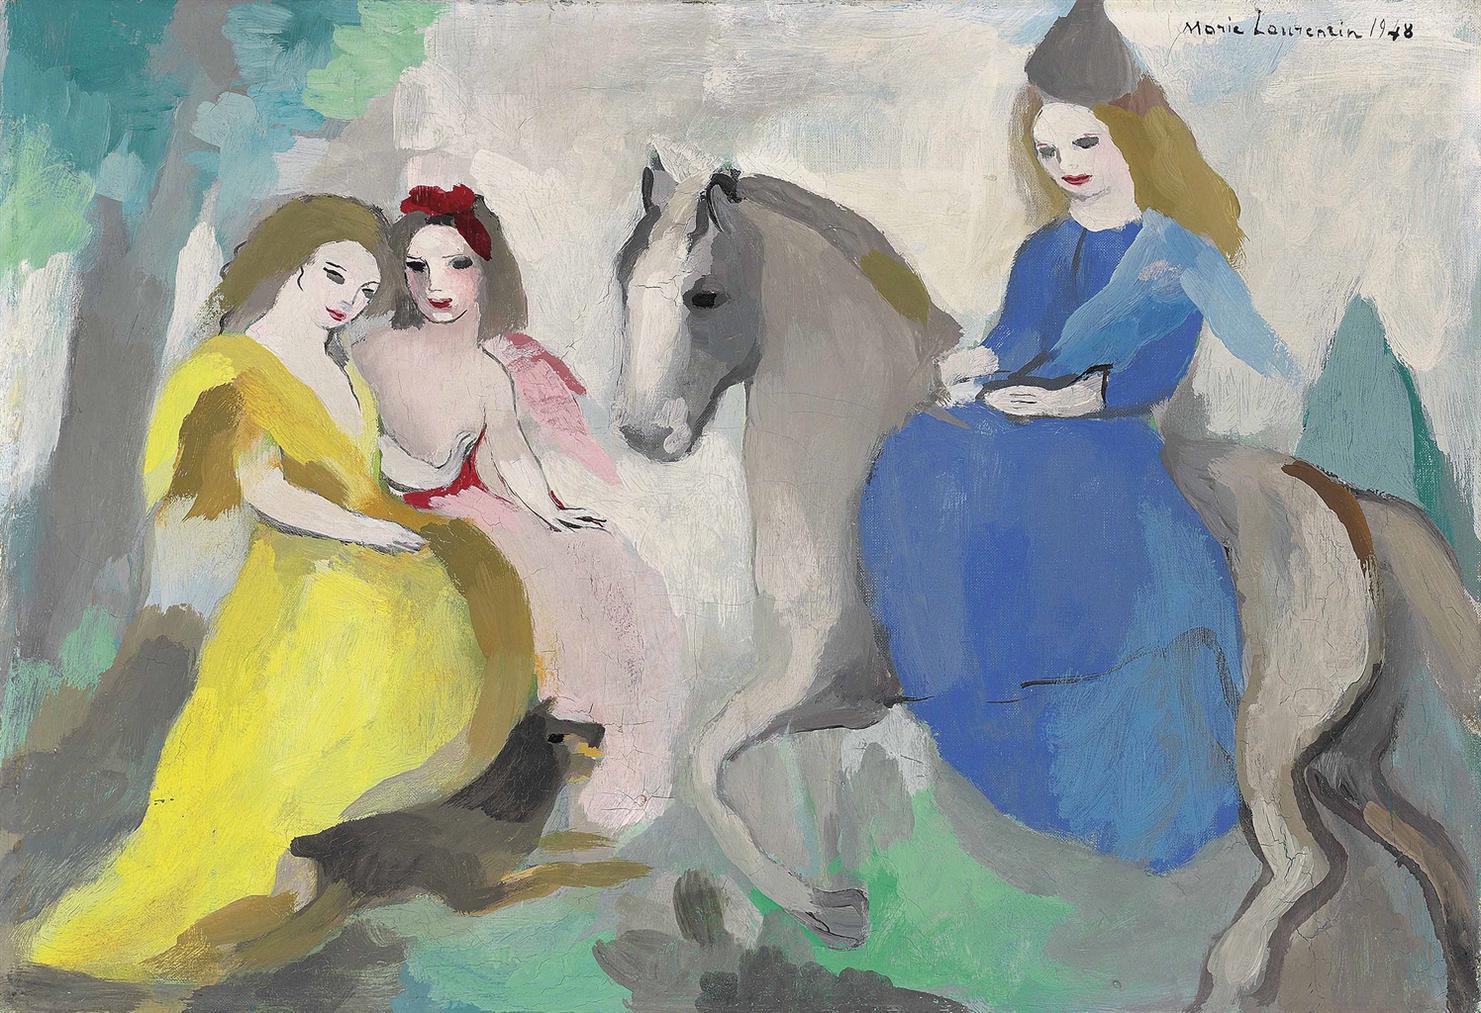 Marie Laurencin-Lamazone Et Deux Jeunes Filles-1948